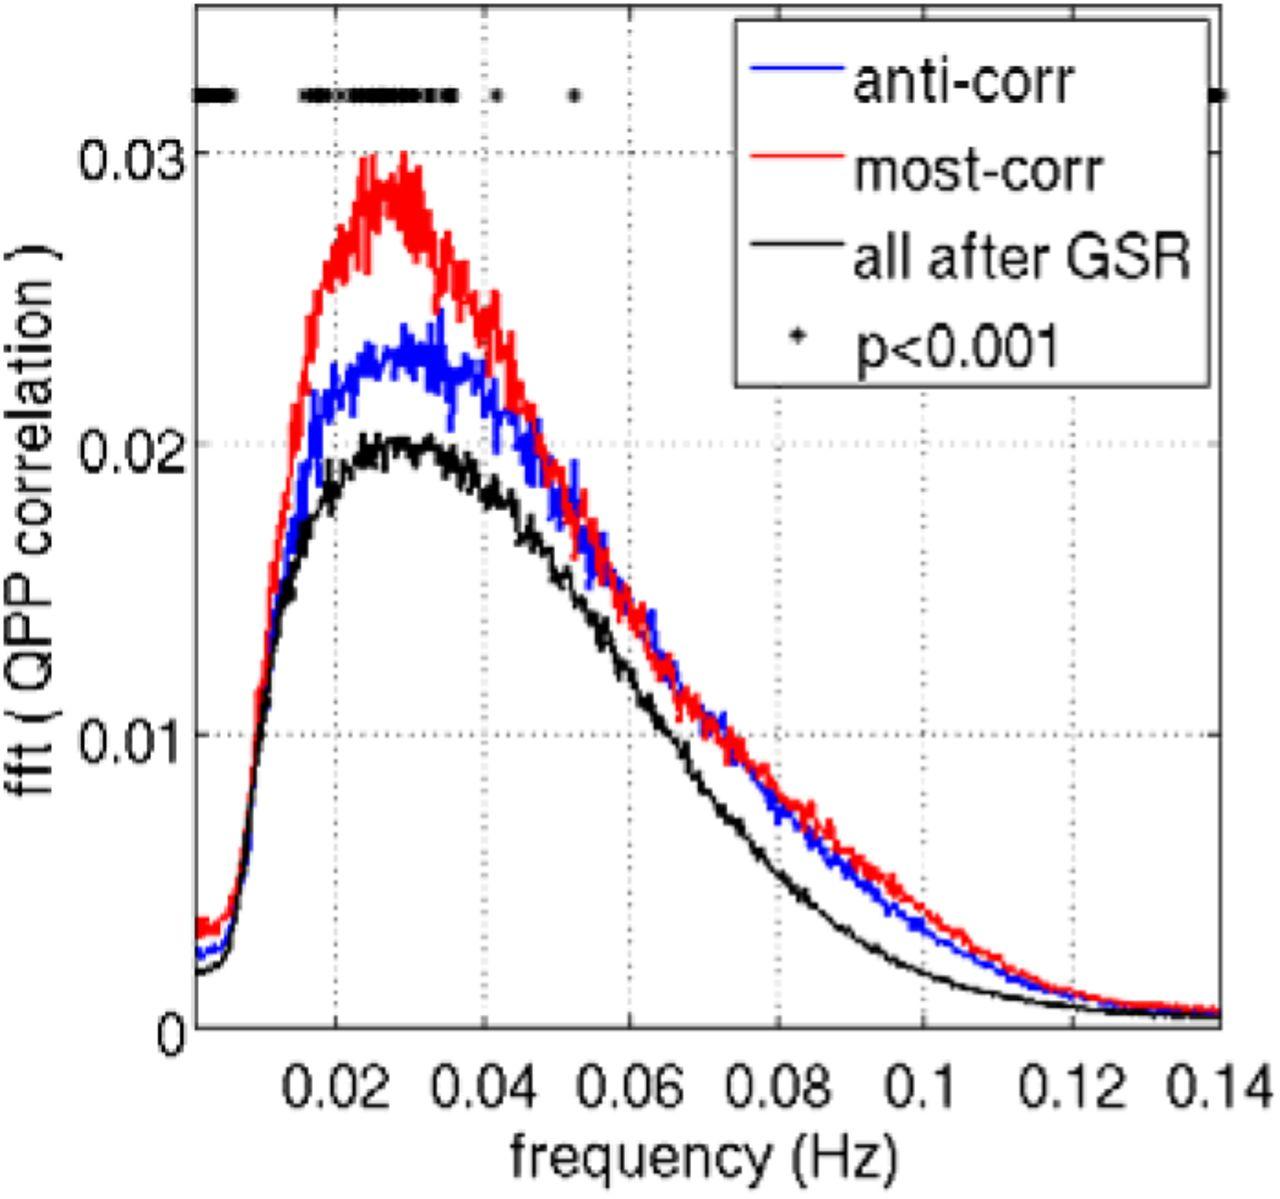 Quasi-Periodic Patterns of Intrinsic Brain Activity in